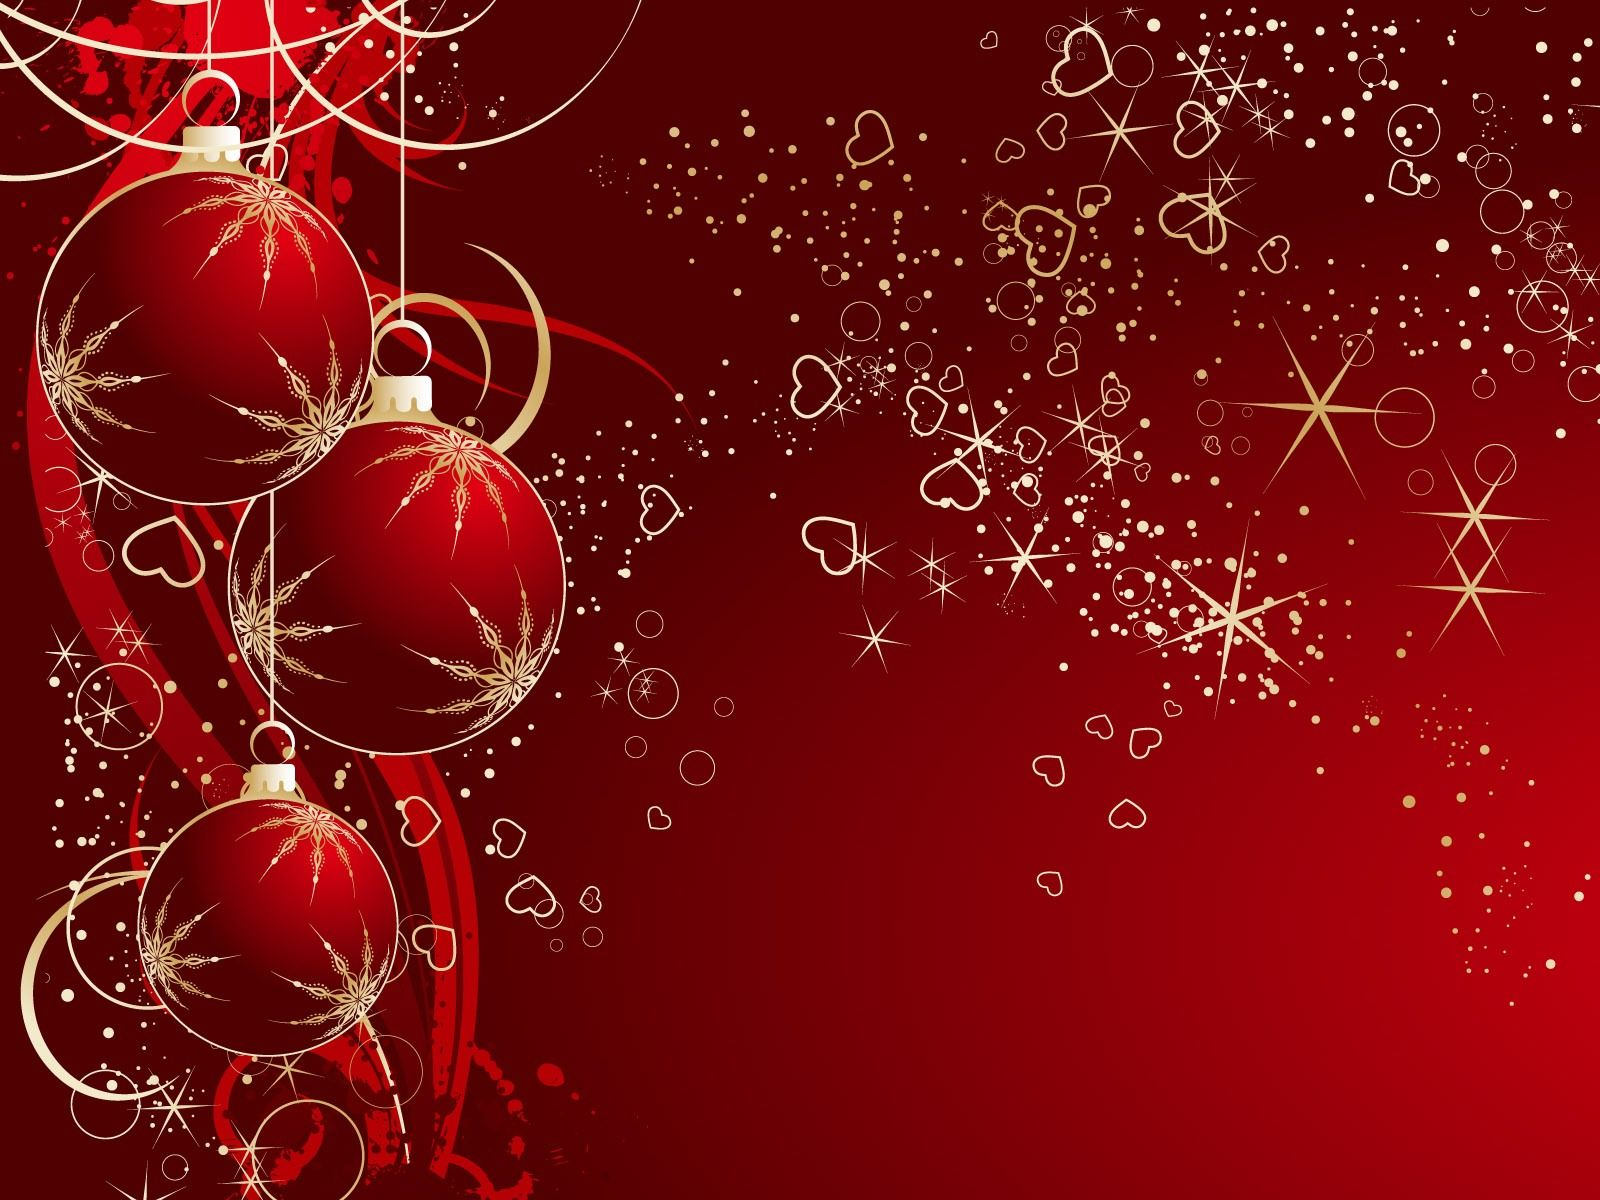 Wallpapers De Navidad Para Tu Pc Imagenes De Navidad